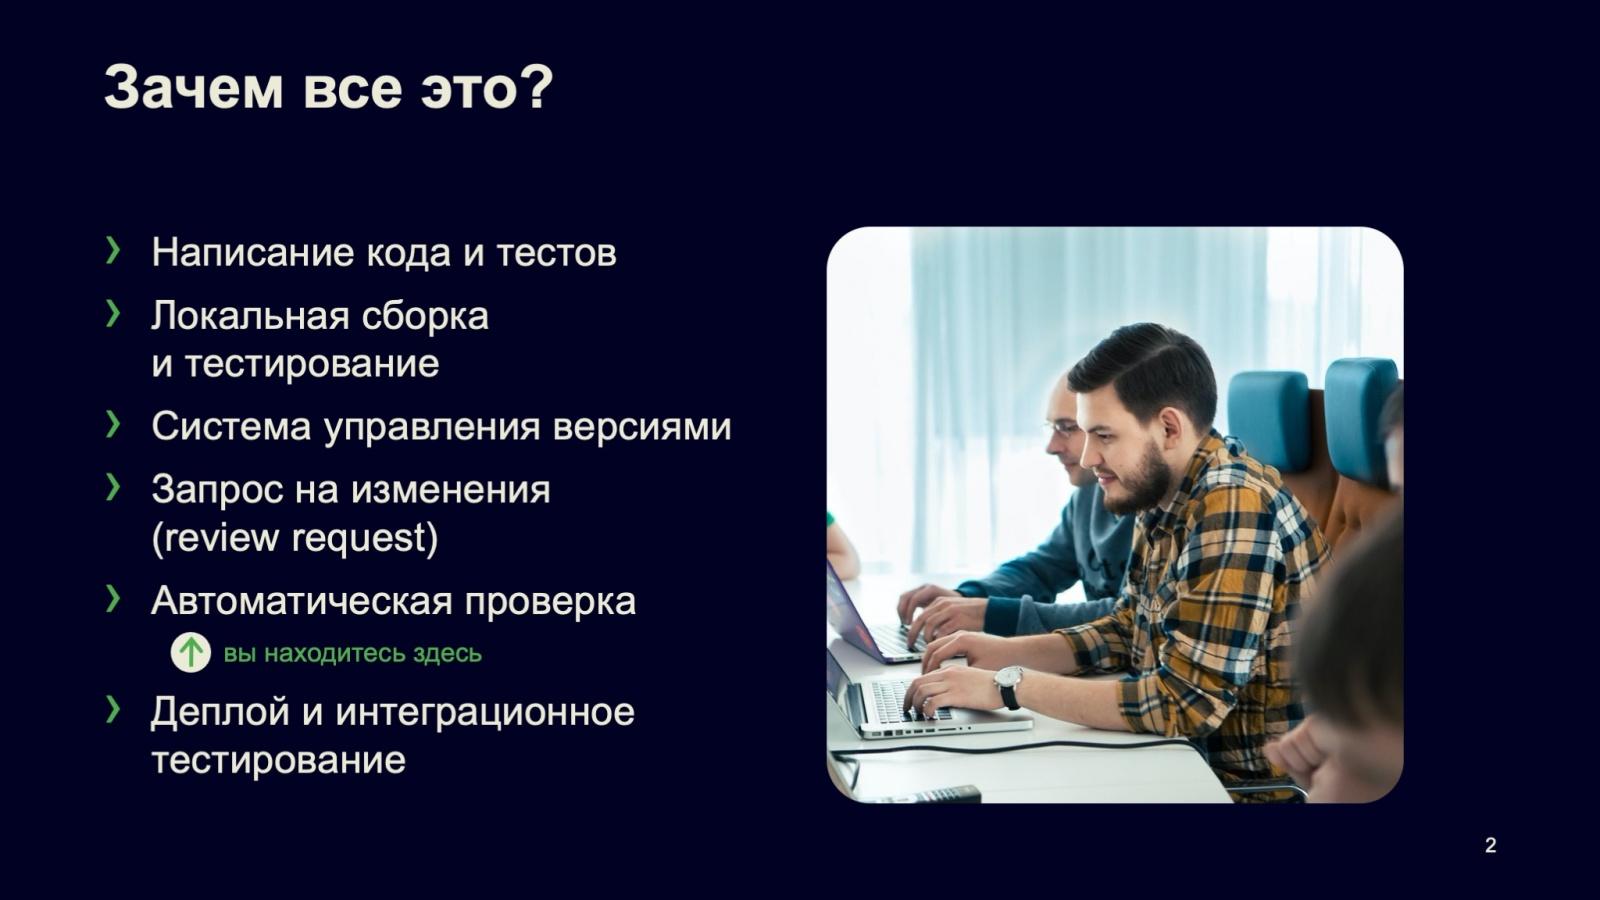 Сборка и тестирование в монорепозитории: кластер распределённой сборки DistBuild. Доклад Яндекса - 1